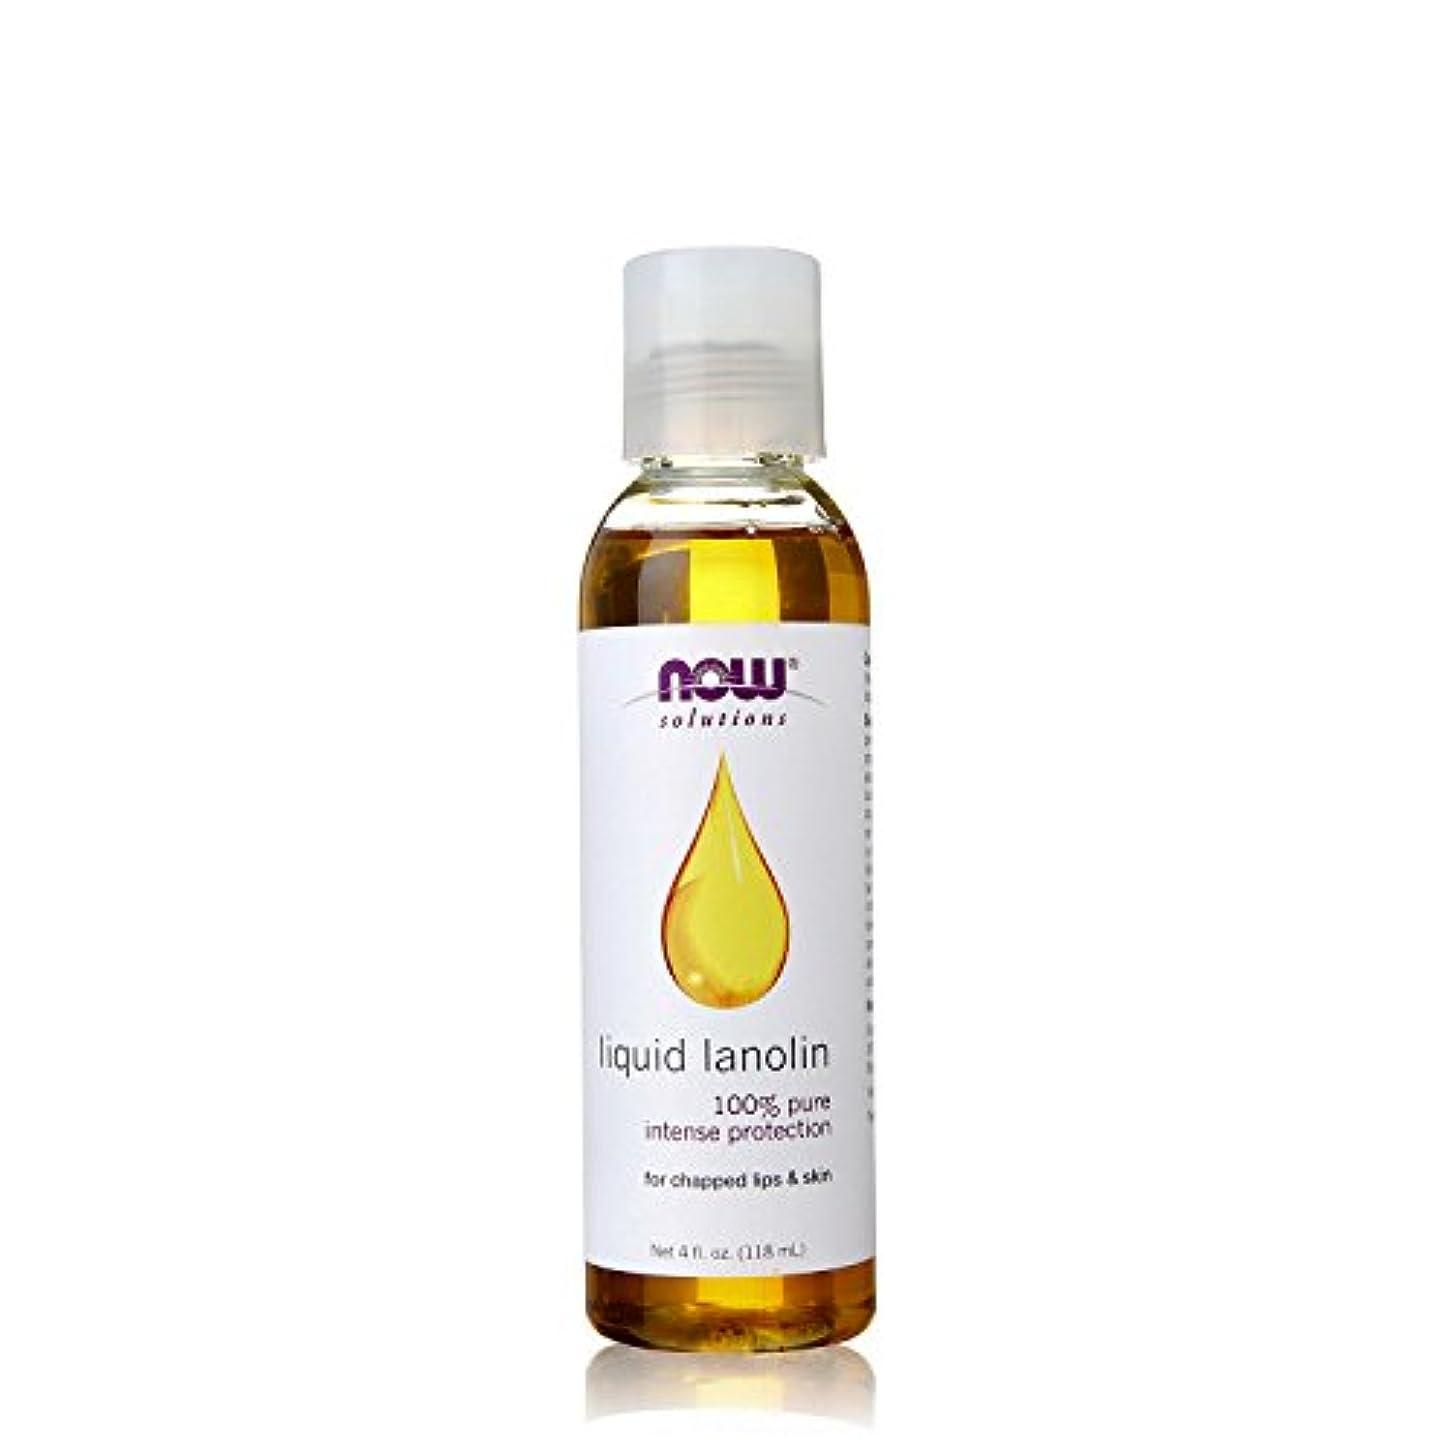 有利形容詞見習いNOW Foods - 液体のラノリン 100% Pureの - 4ポンド [並行輸入品]